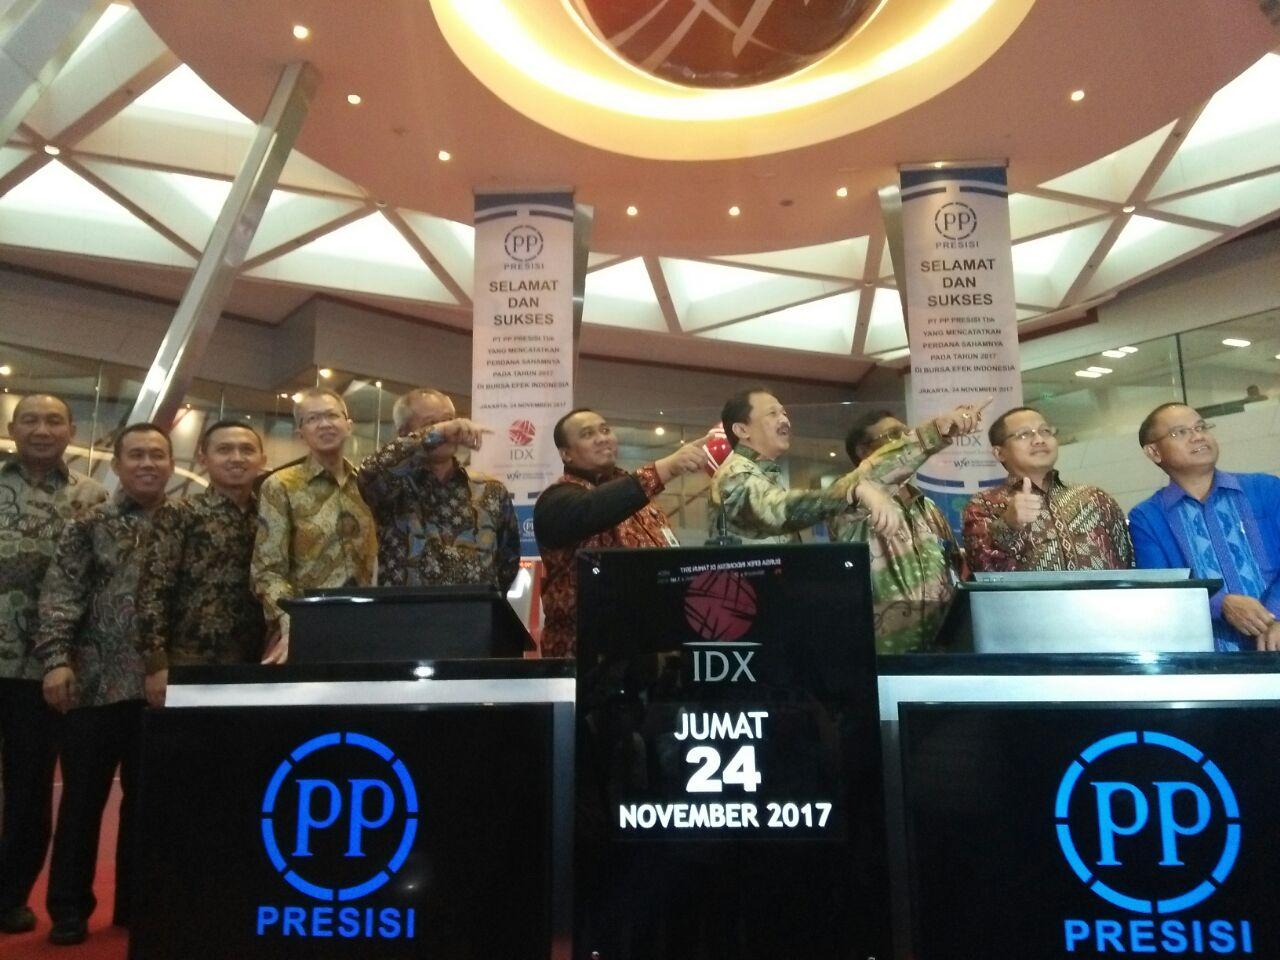 PTPP PPRE PP Presisi (PPRE) Raih Lagi Kontrak Baru Jasa Pertambangan Nikel USD21 Juta